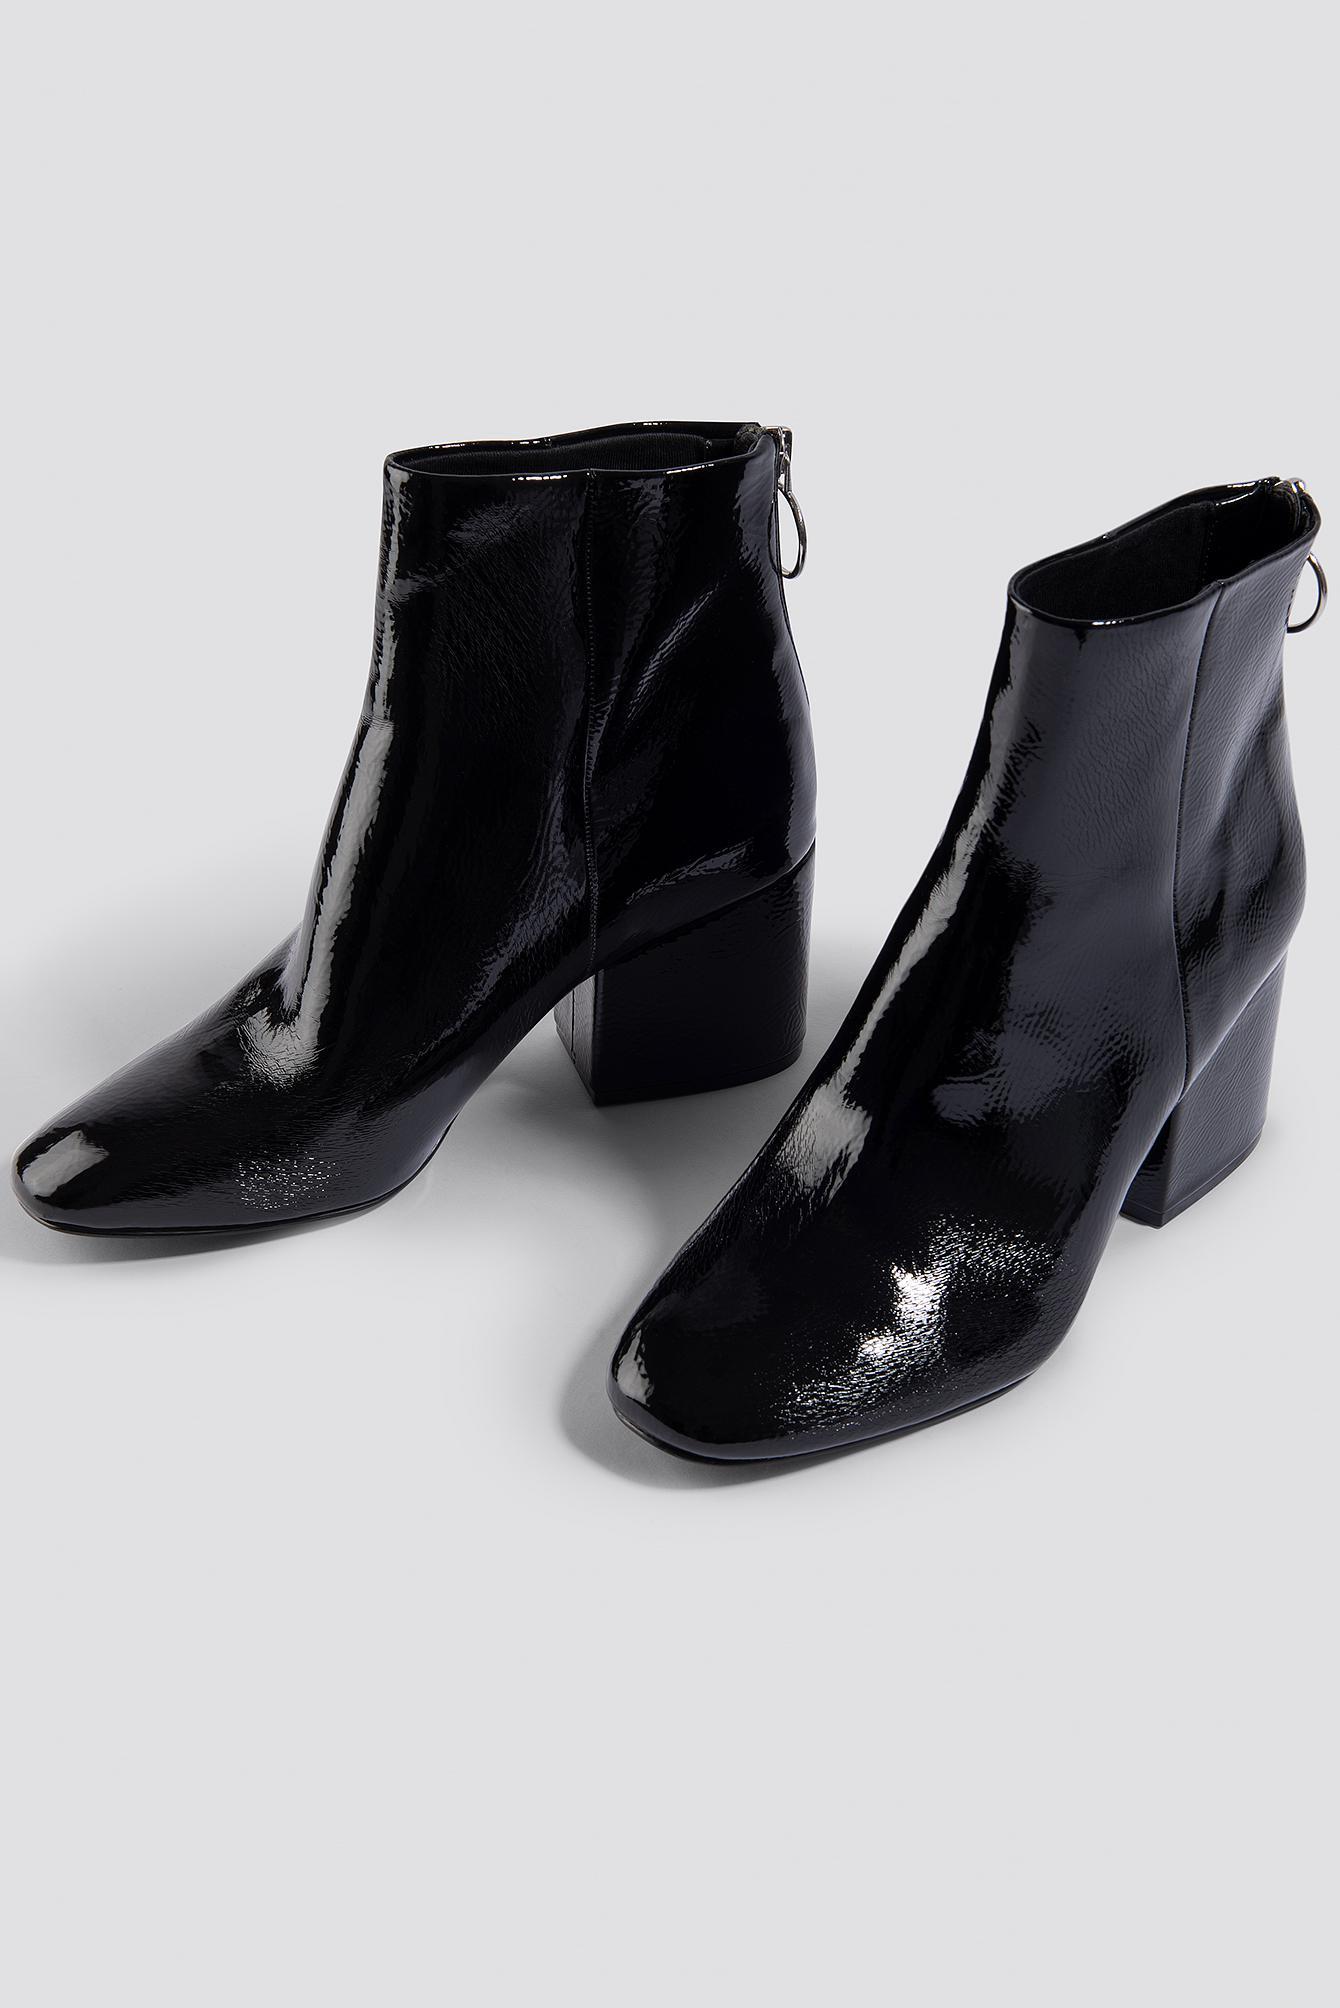 1b702d7bacd Steve Madden Break Ankle Boot Black Patent in Black - Lyst